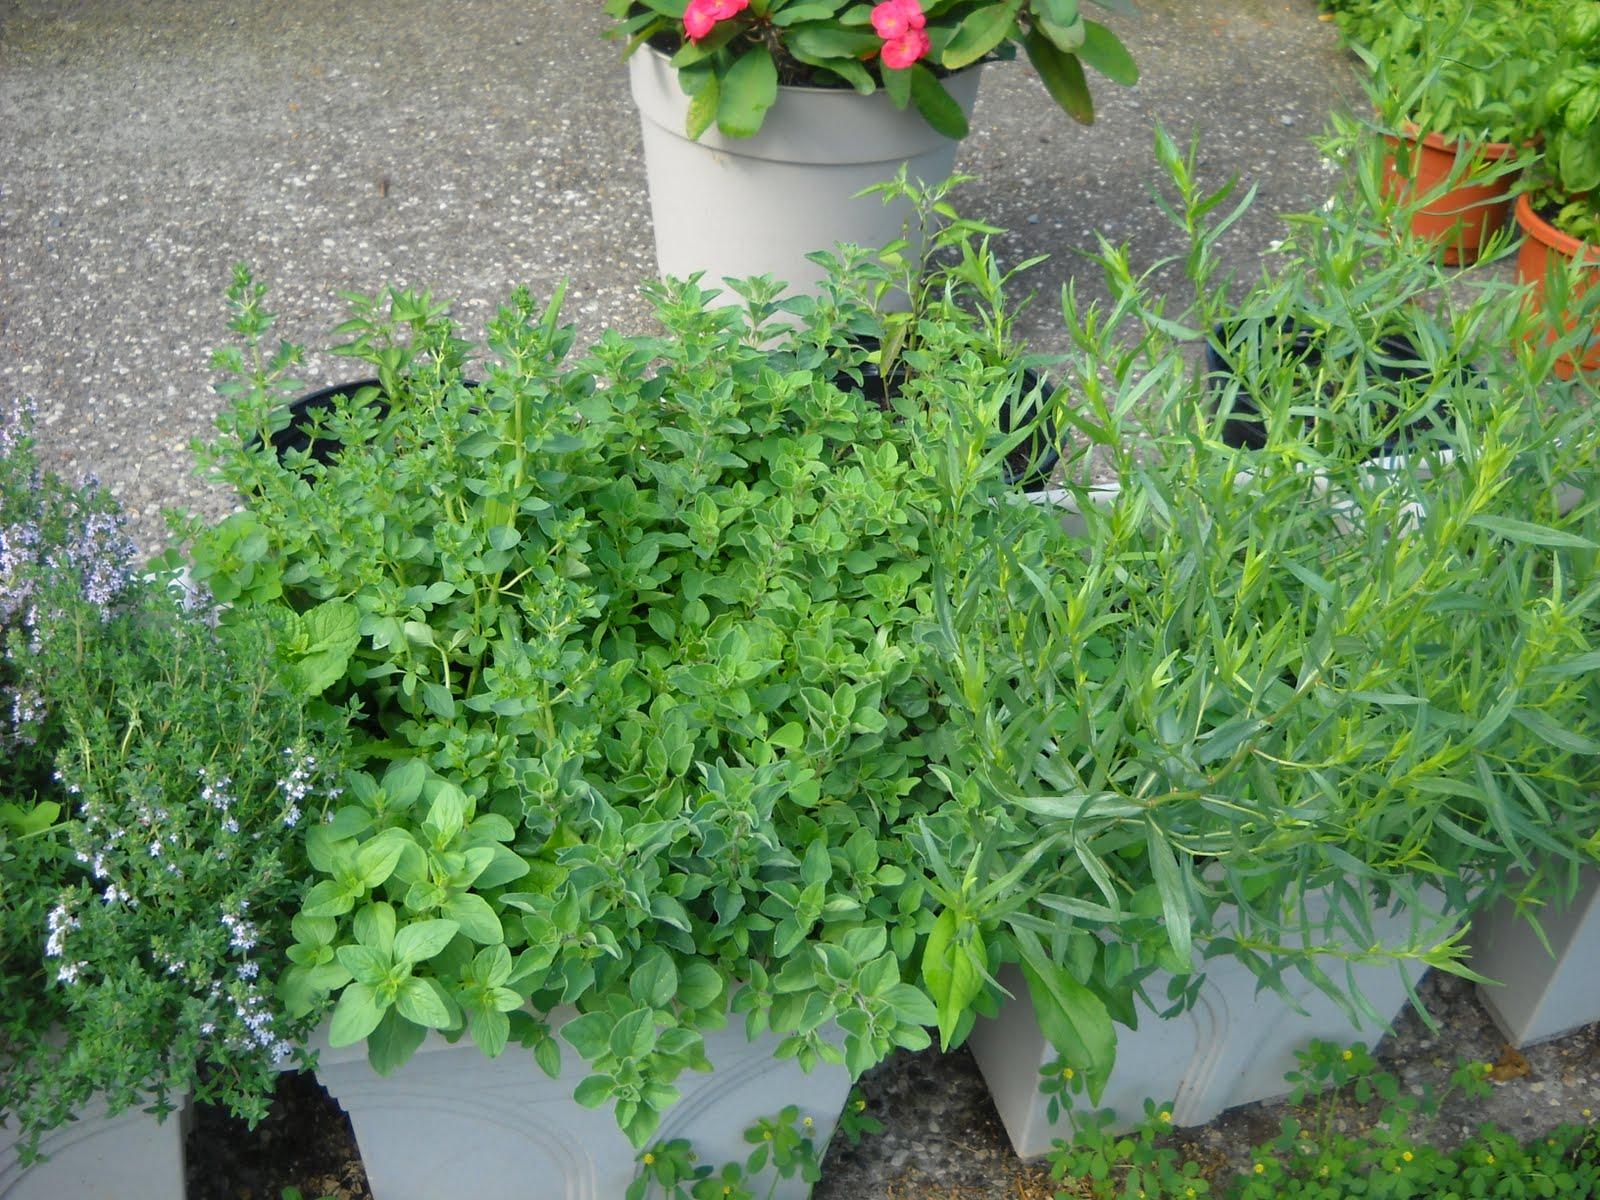 The Herb Garden My Square Foot Garden